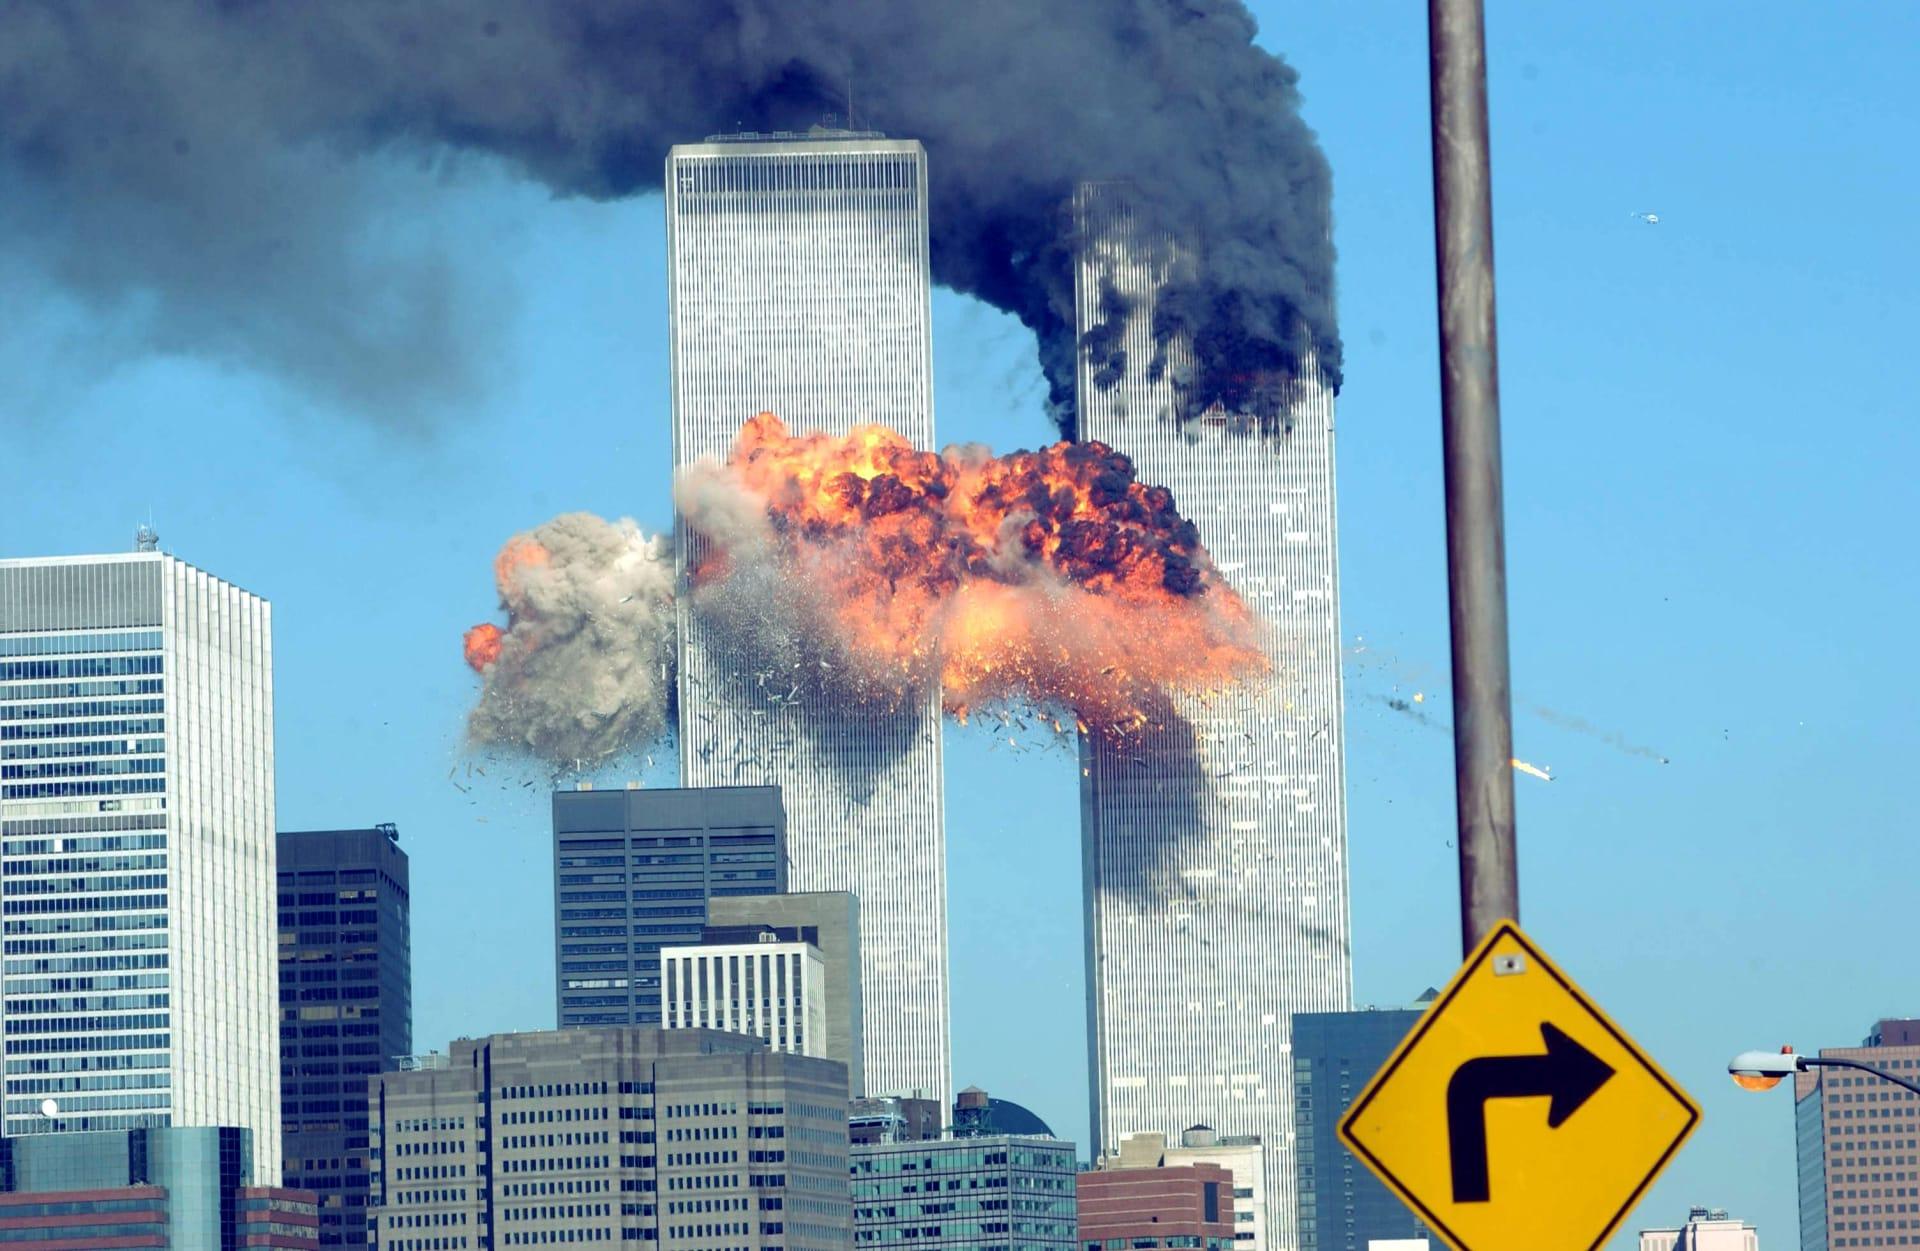 وزارة العدل الأمريكية تبحث كشف معلومات سرية عن هجمات 11 سبتمبر